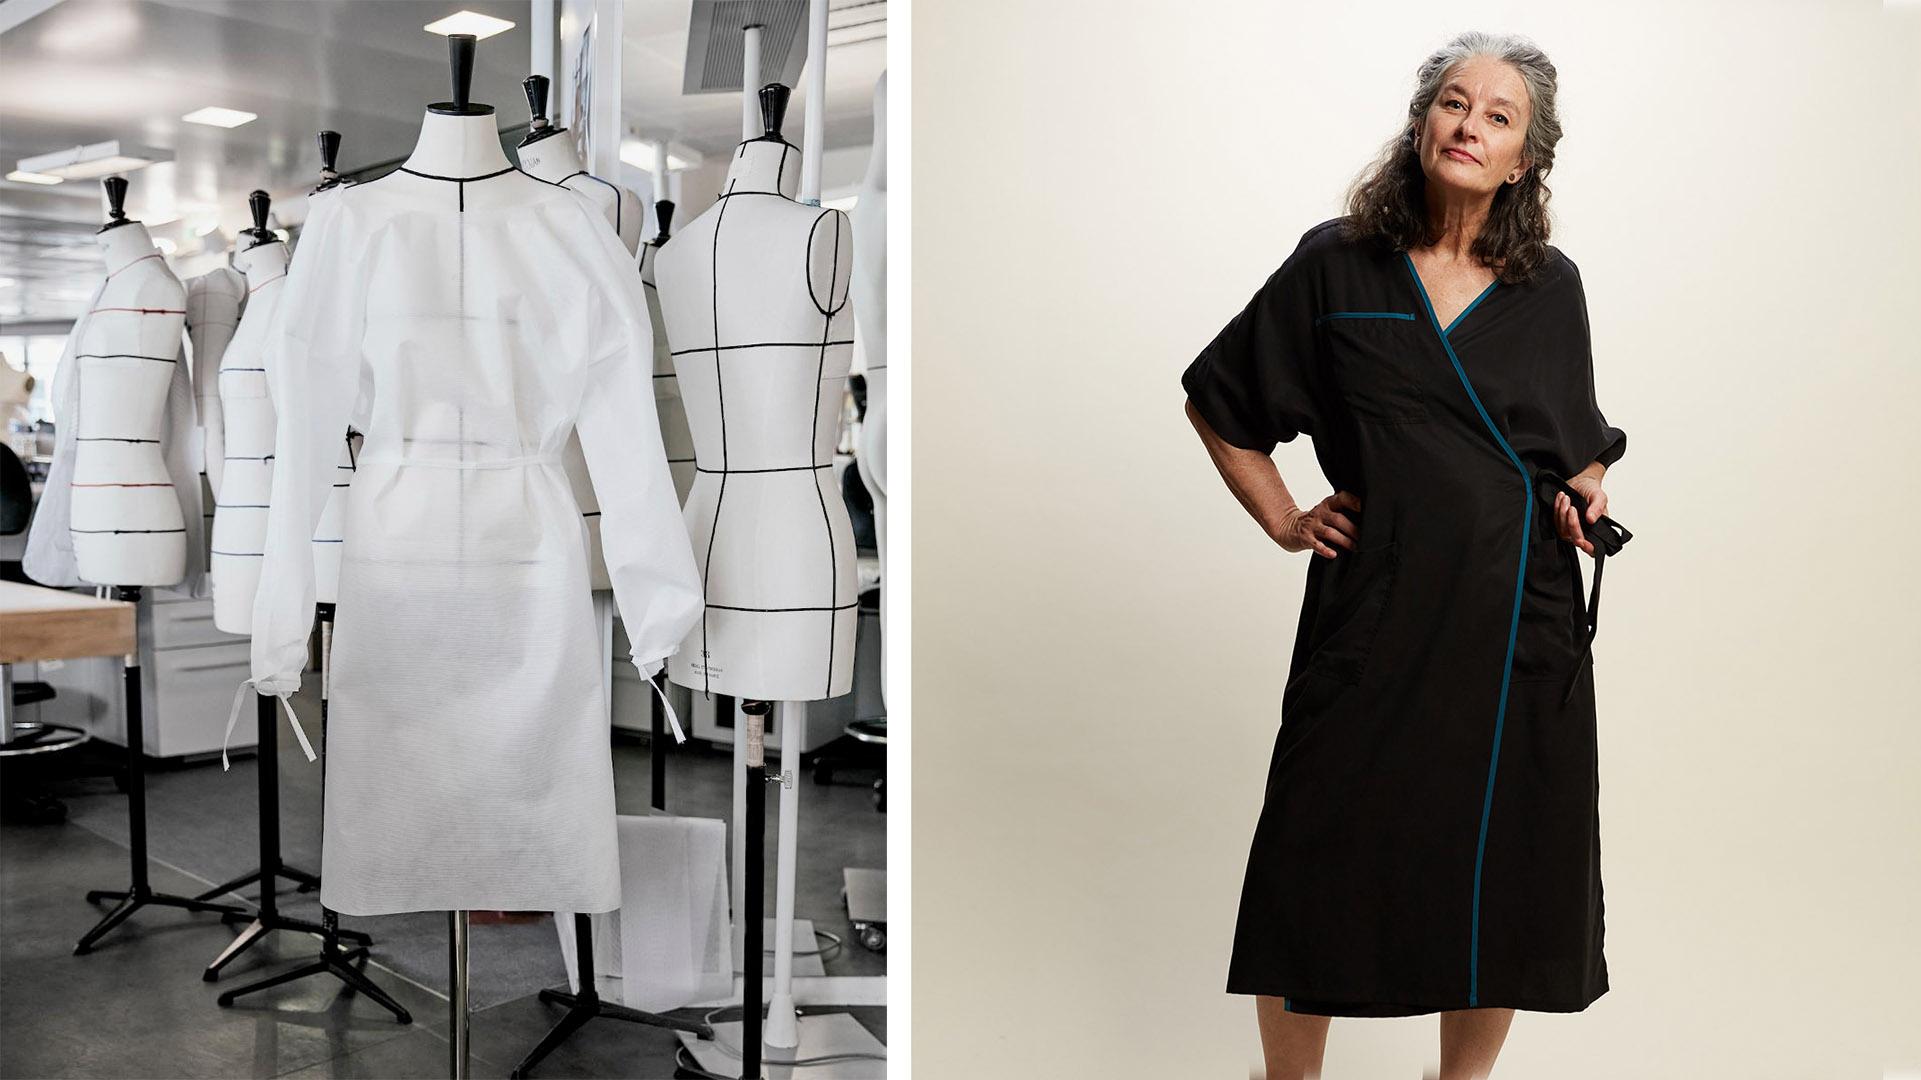 Louis Vuitton enters the Gown Market?